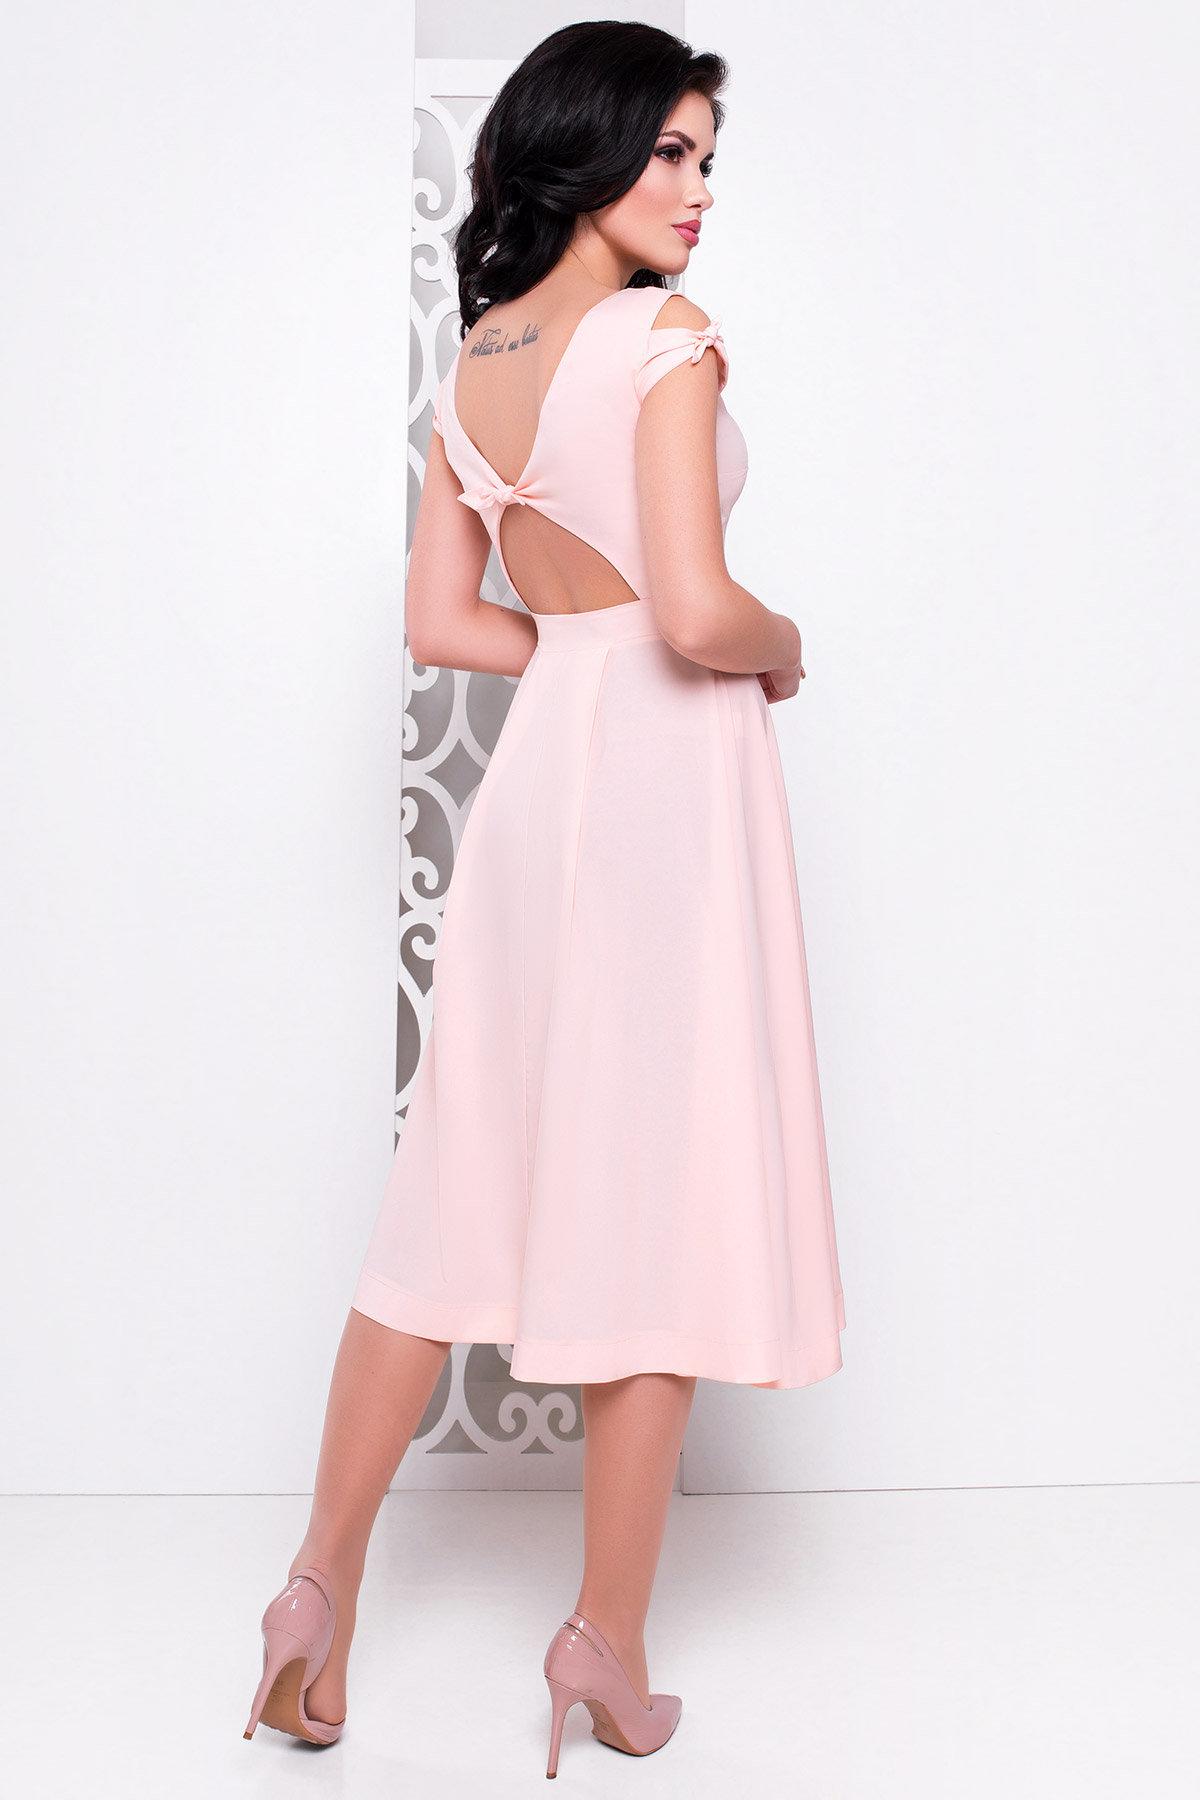 Платье Жадор миди 2929 АРТ. 15325 Цвет: Персик - фото 2, интернет магазин tm-modus.ru